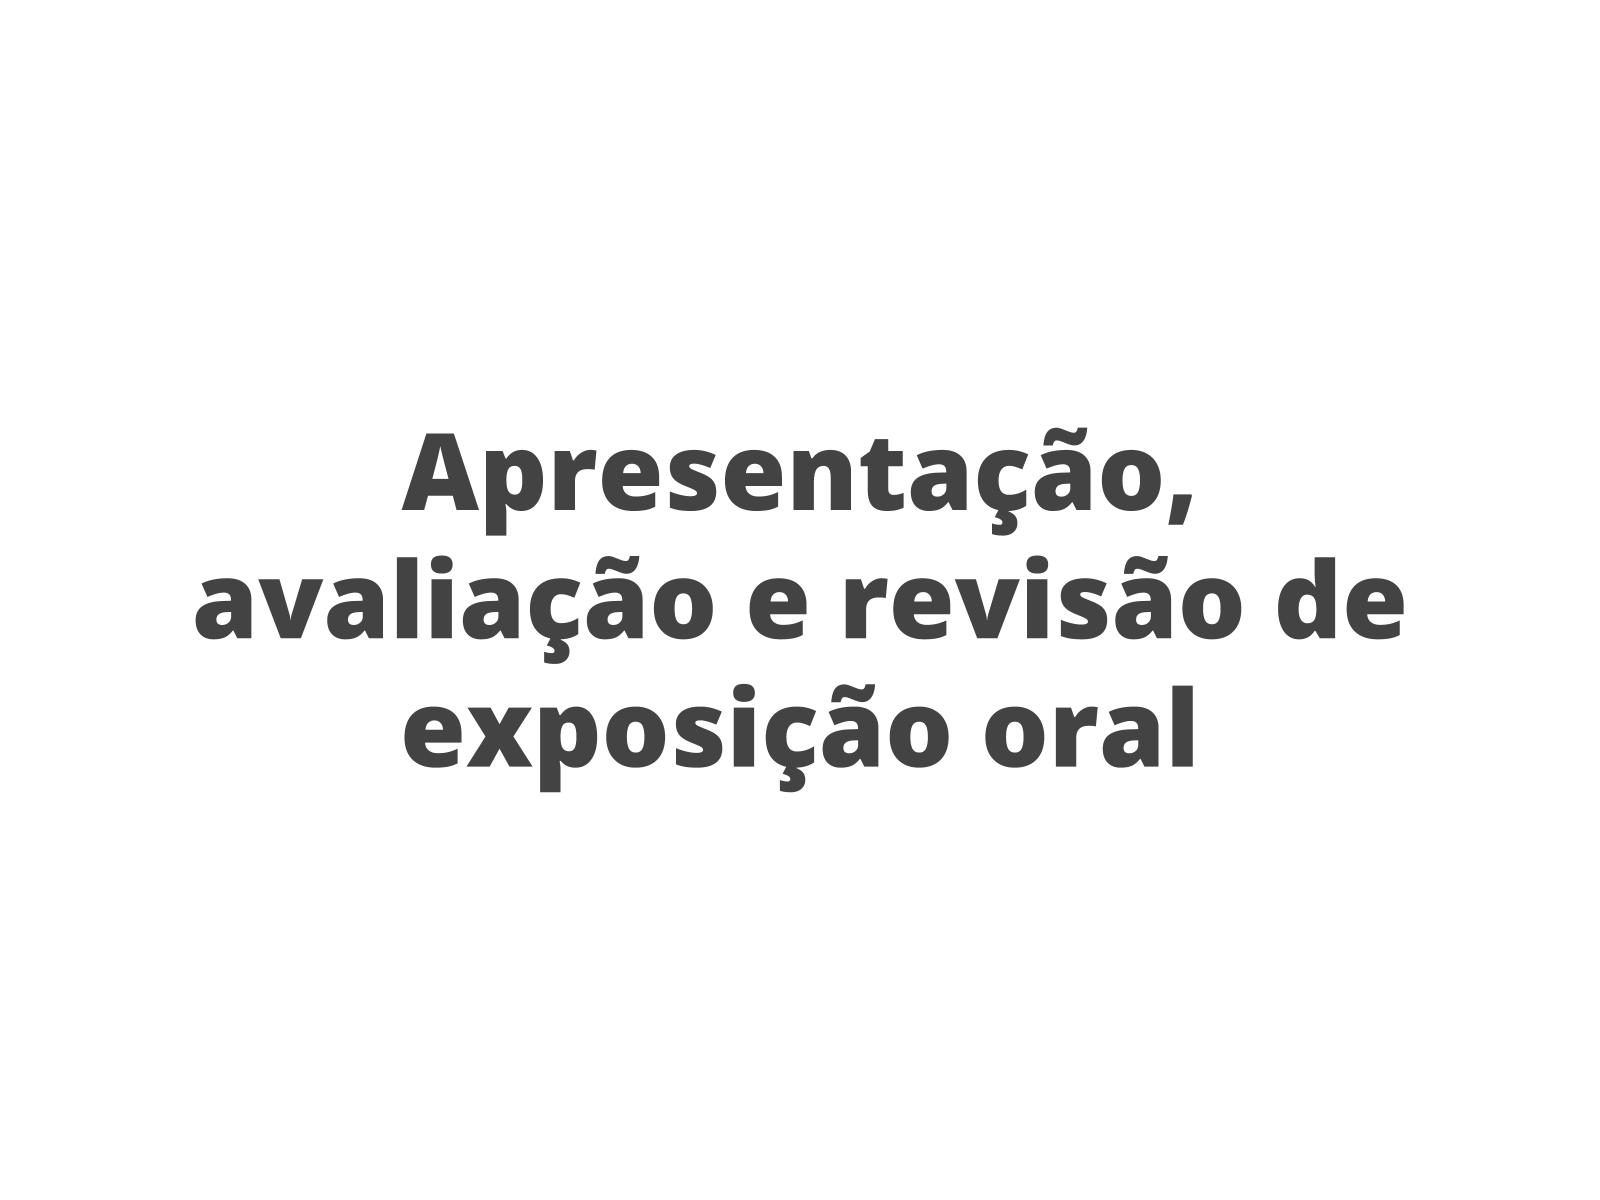 Apresentação, avaliação e revisão da exposição oral